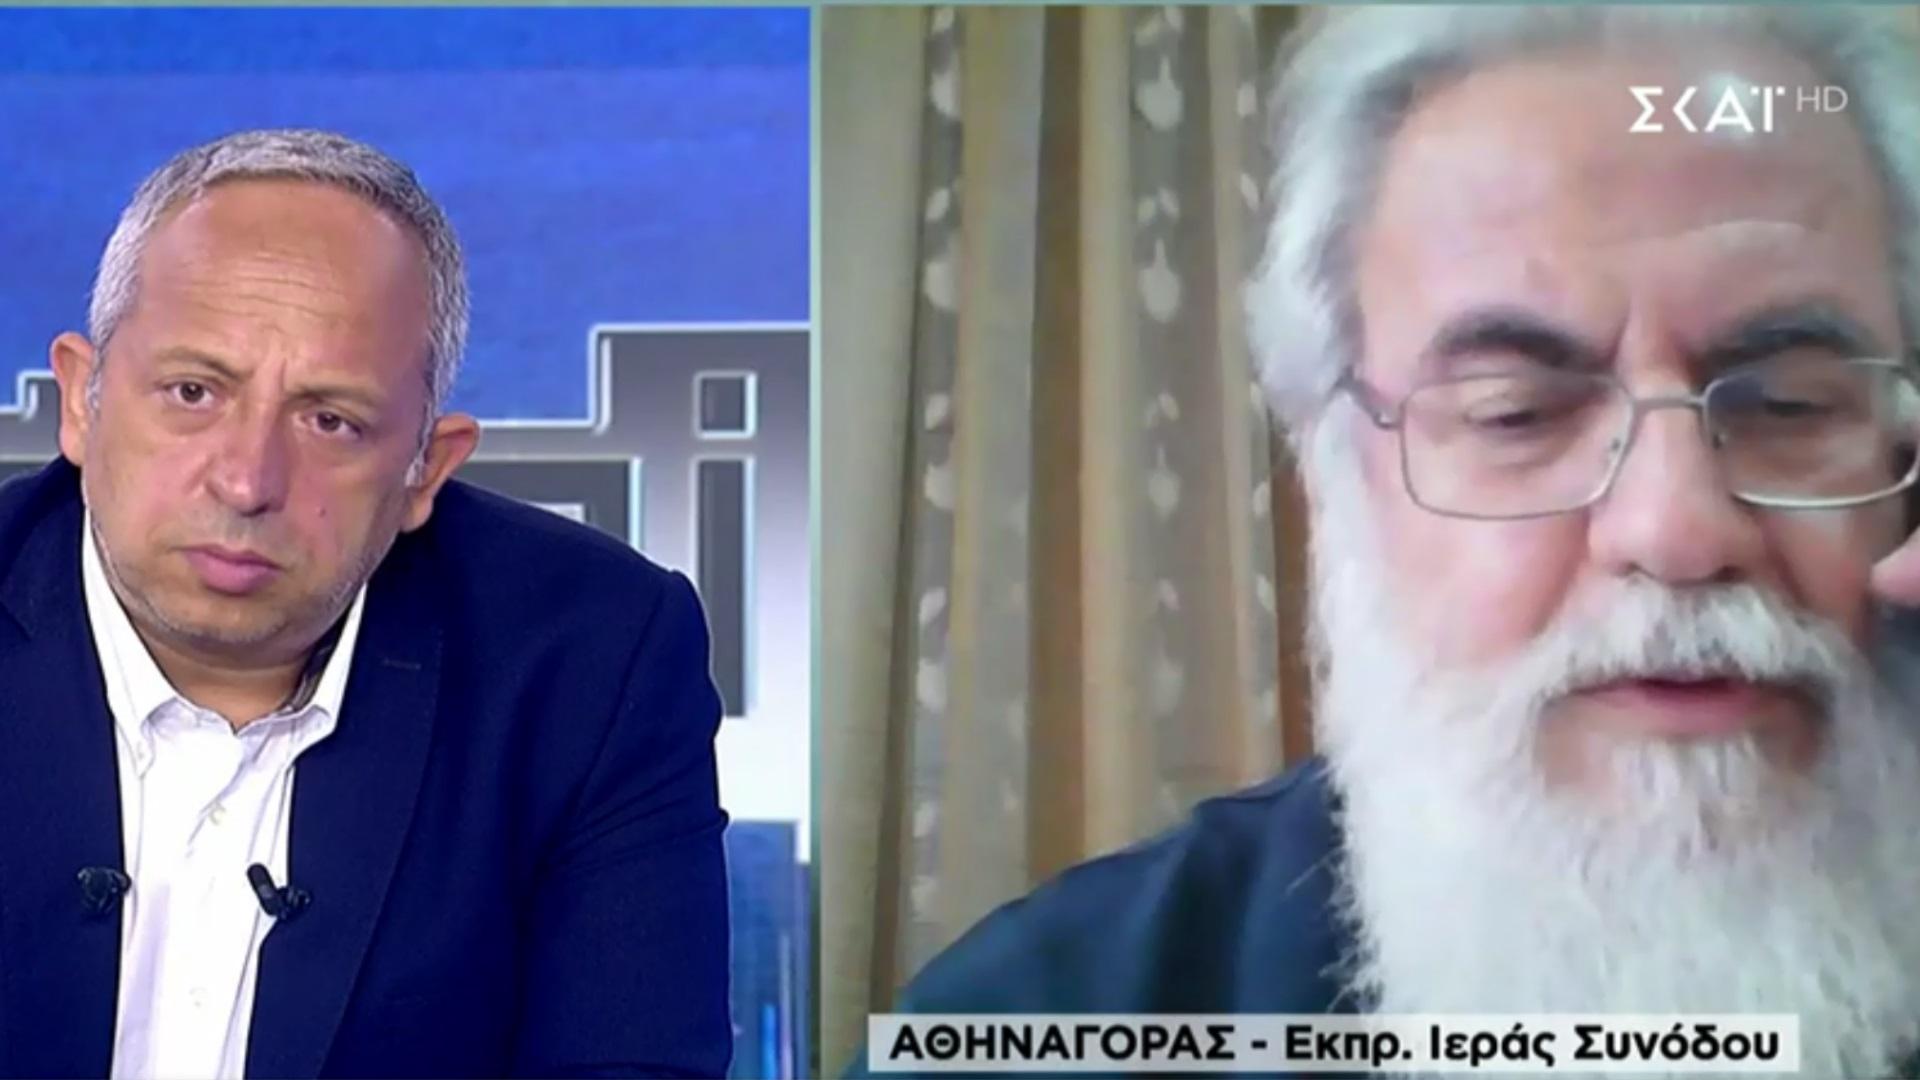 Μητροπολίτης Αθηναγόρας: Ο Τσιόδρας μας βοήθησε να γράψουμε το φυλλάδιο που θα δώσουμε στους πιστούς